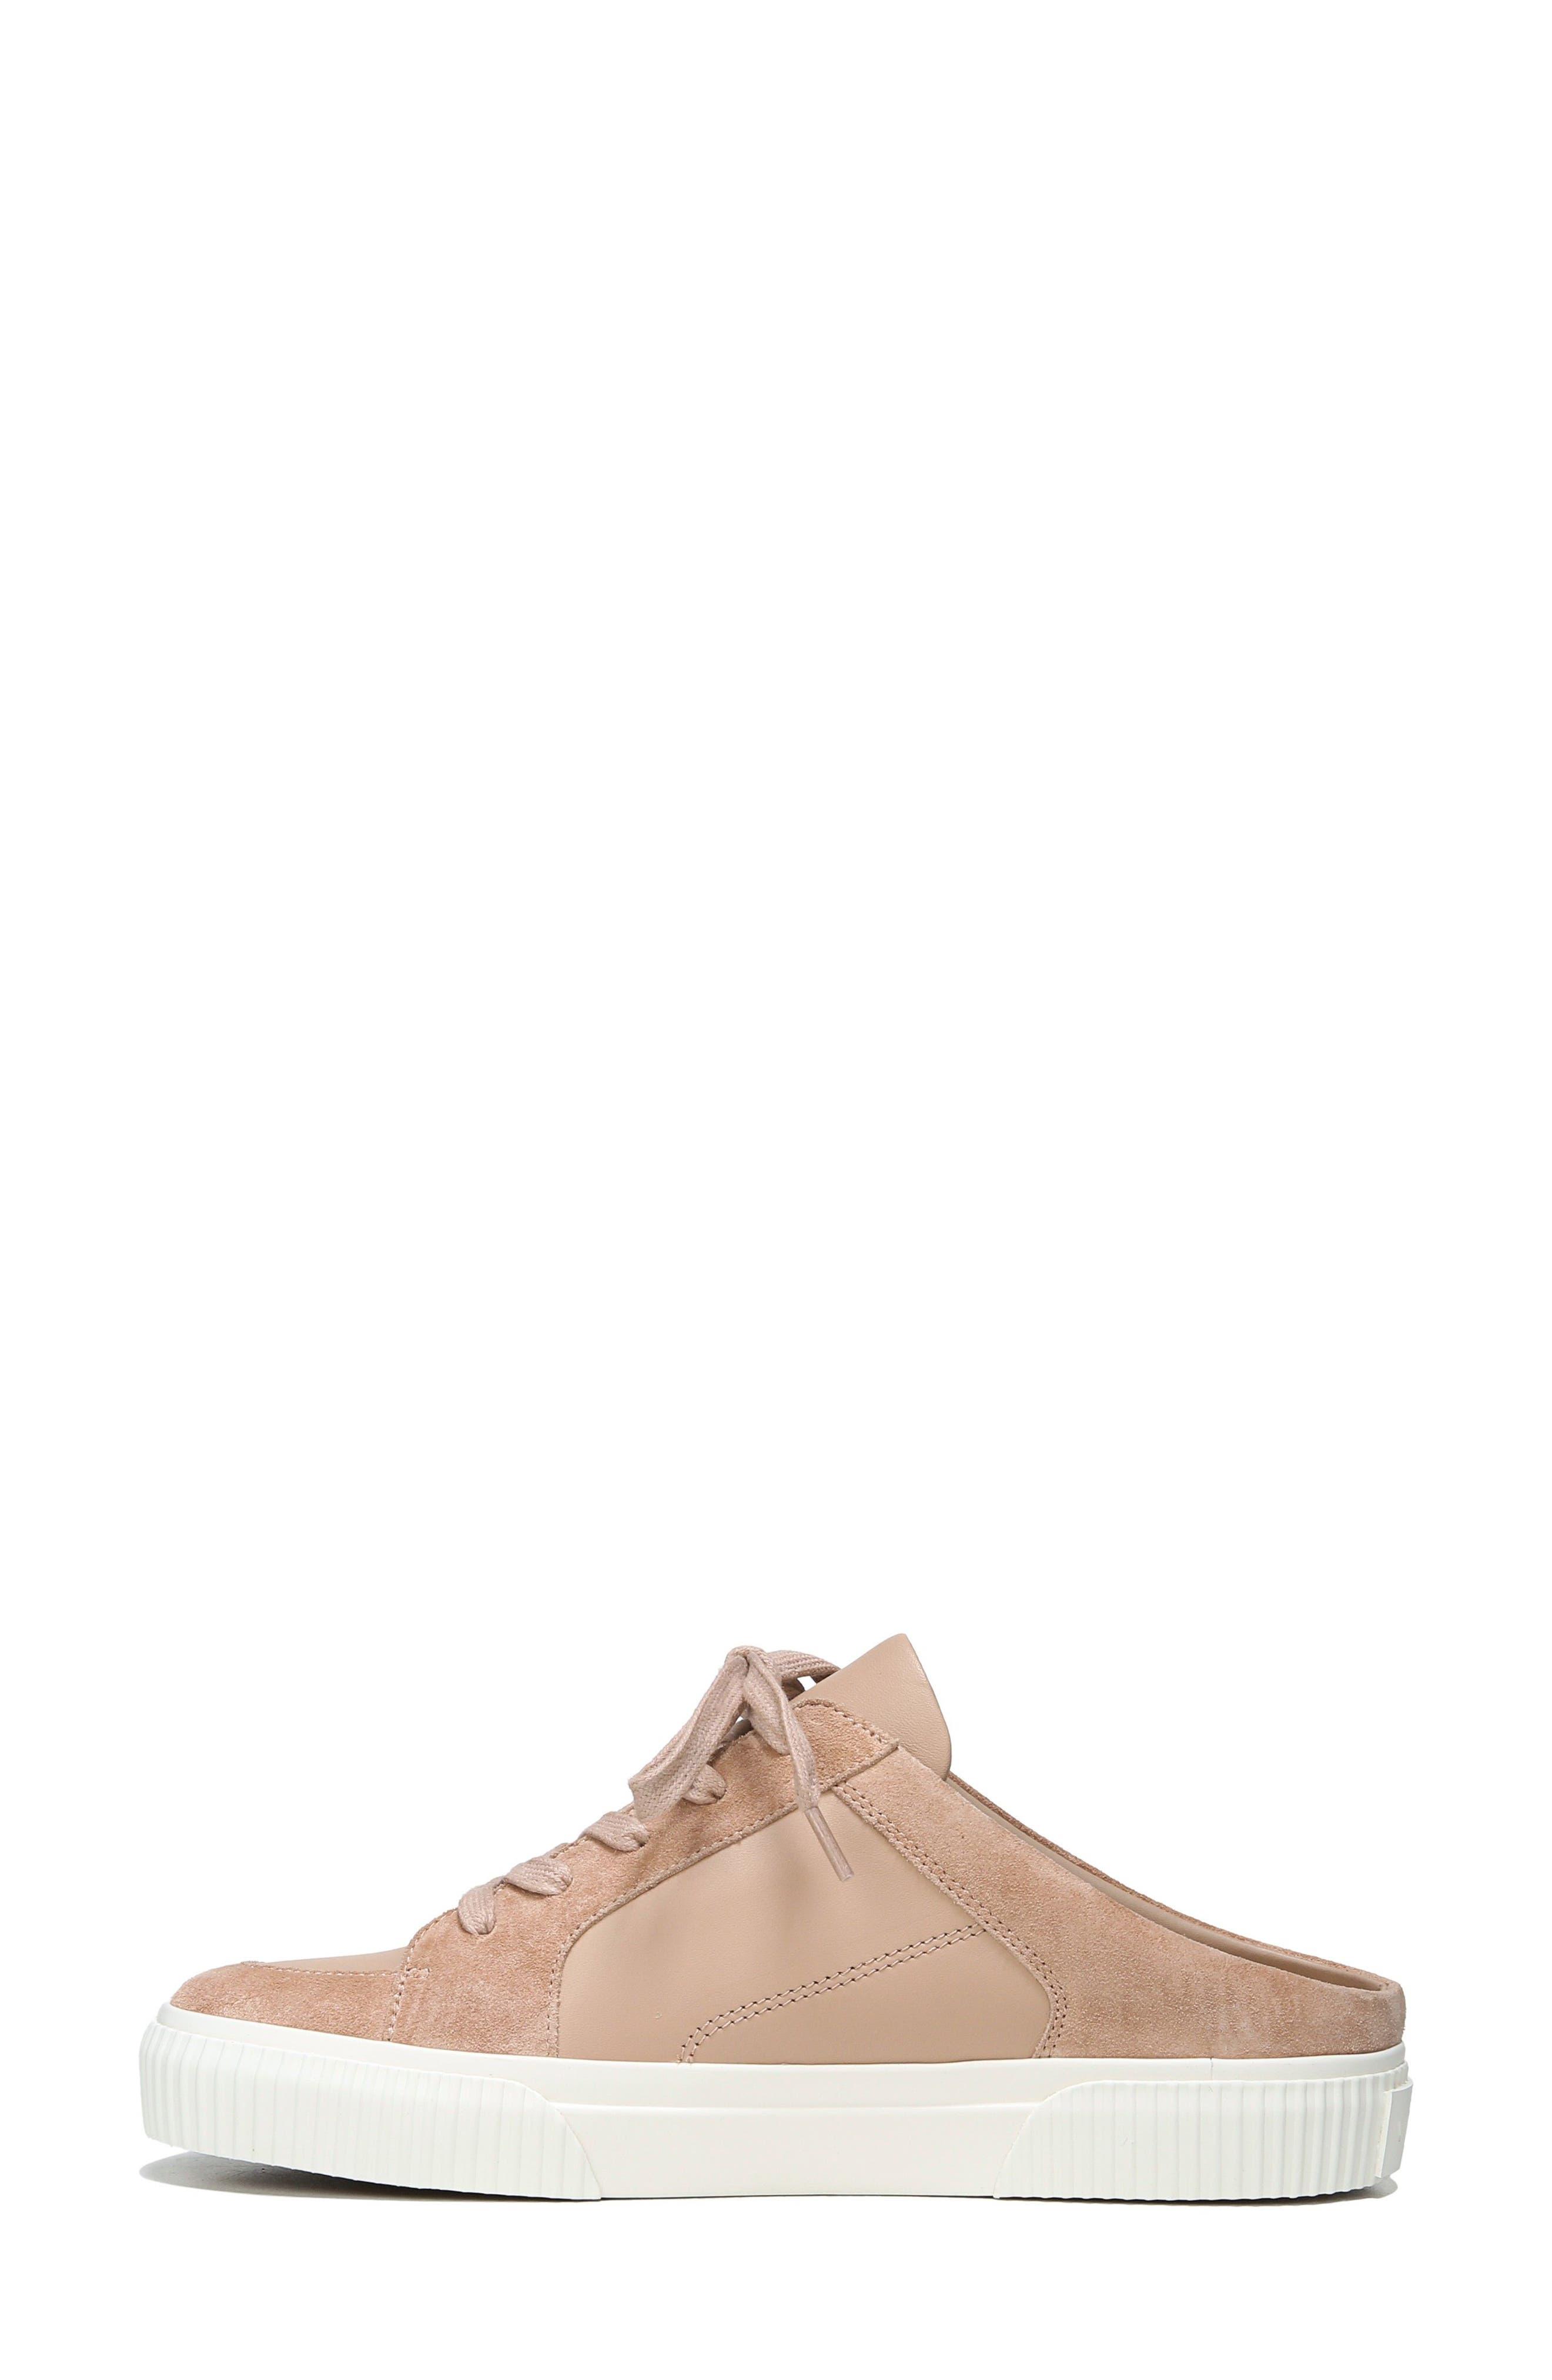 Kess Slip-On Sneaker,                             Alternate thumbnail 3, color,                             251